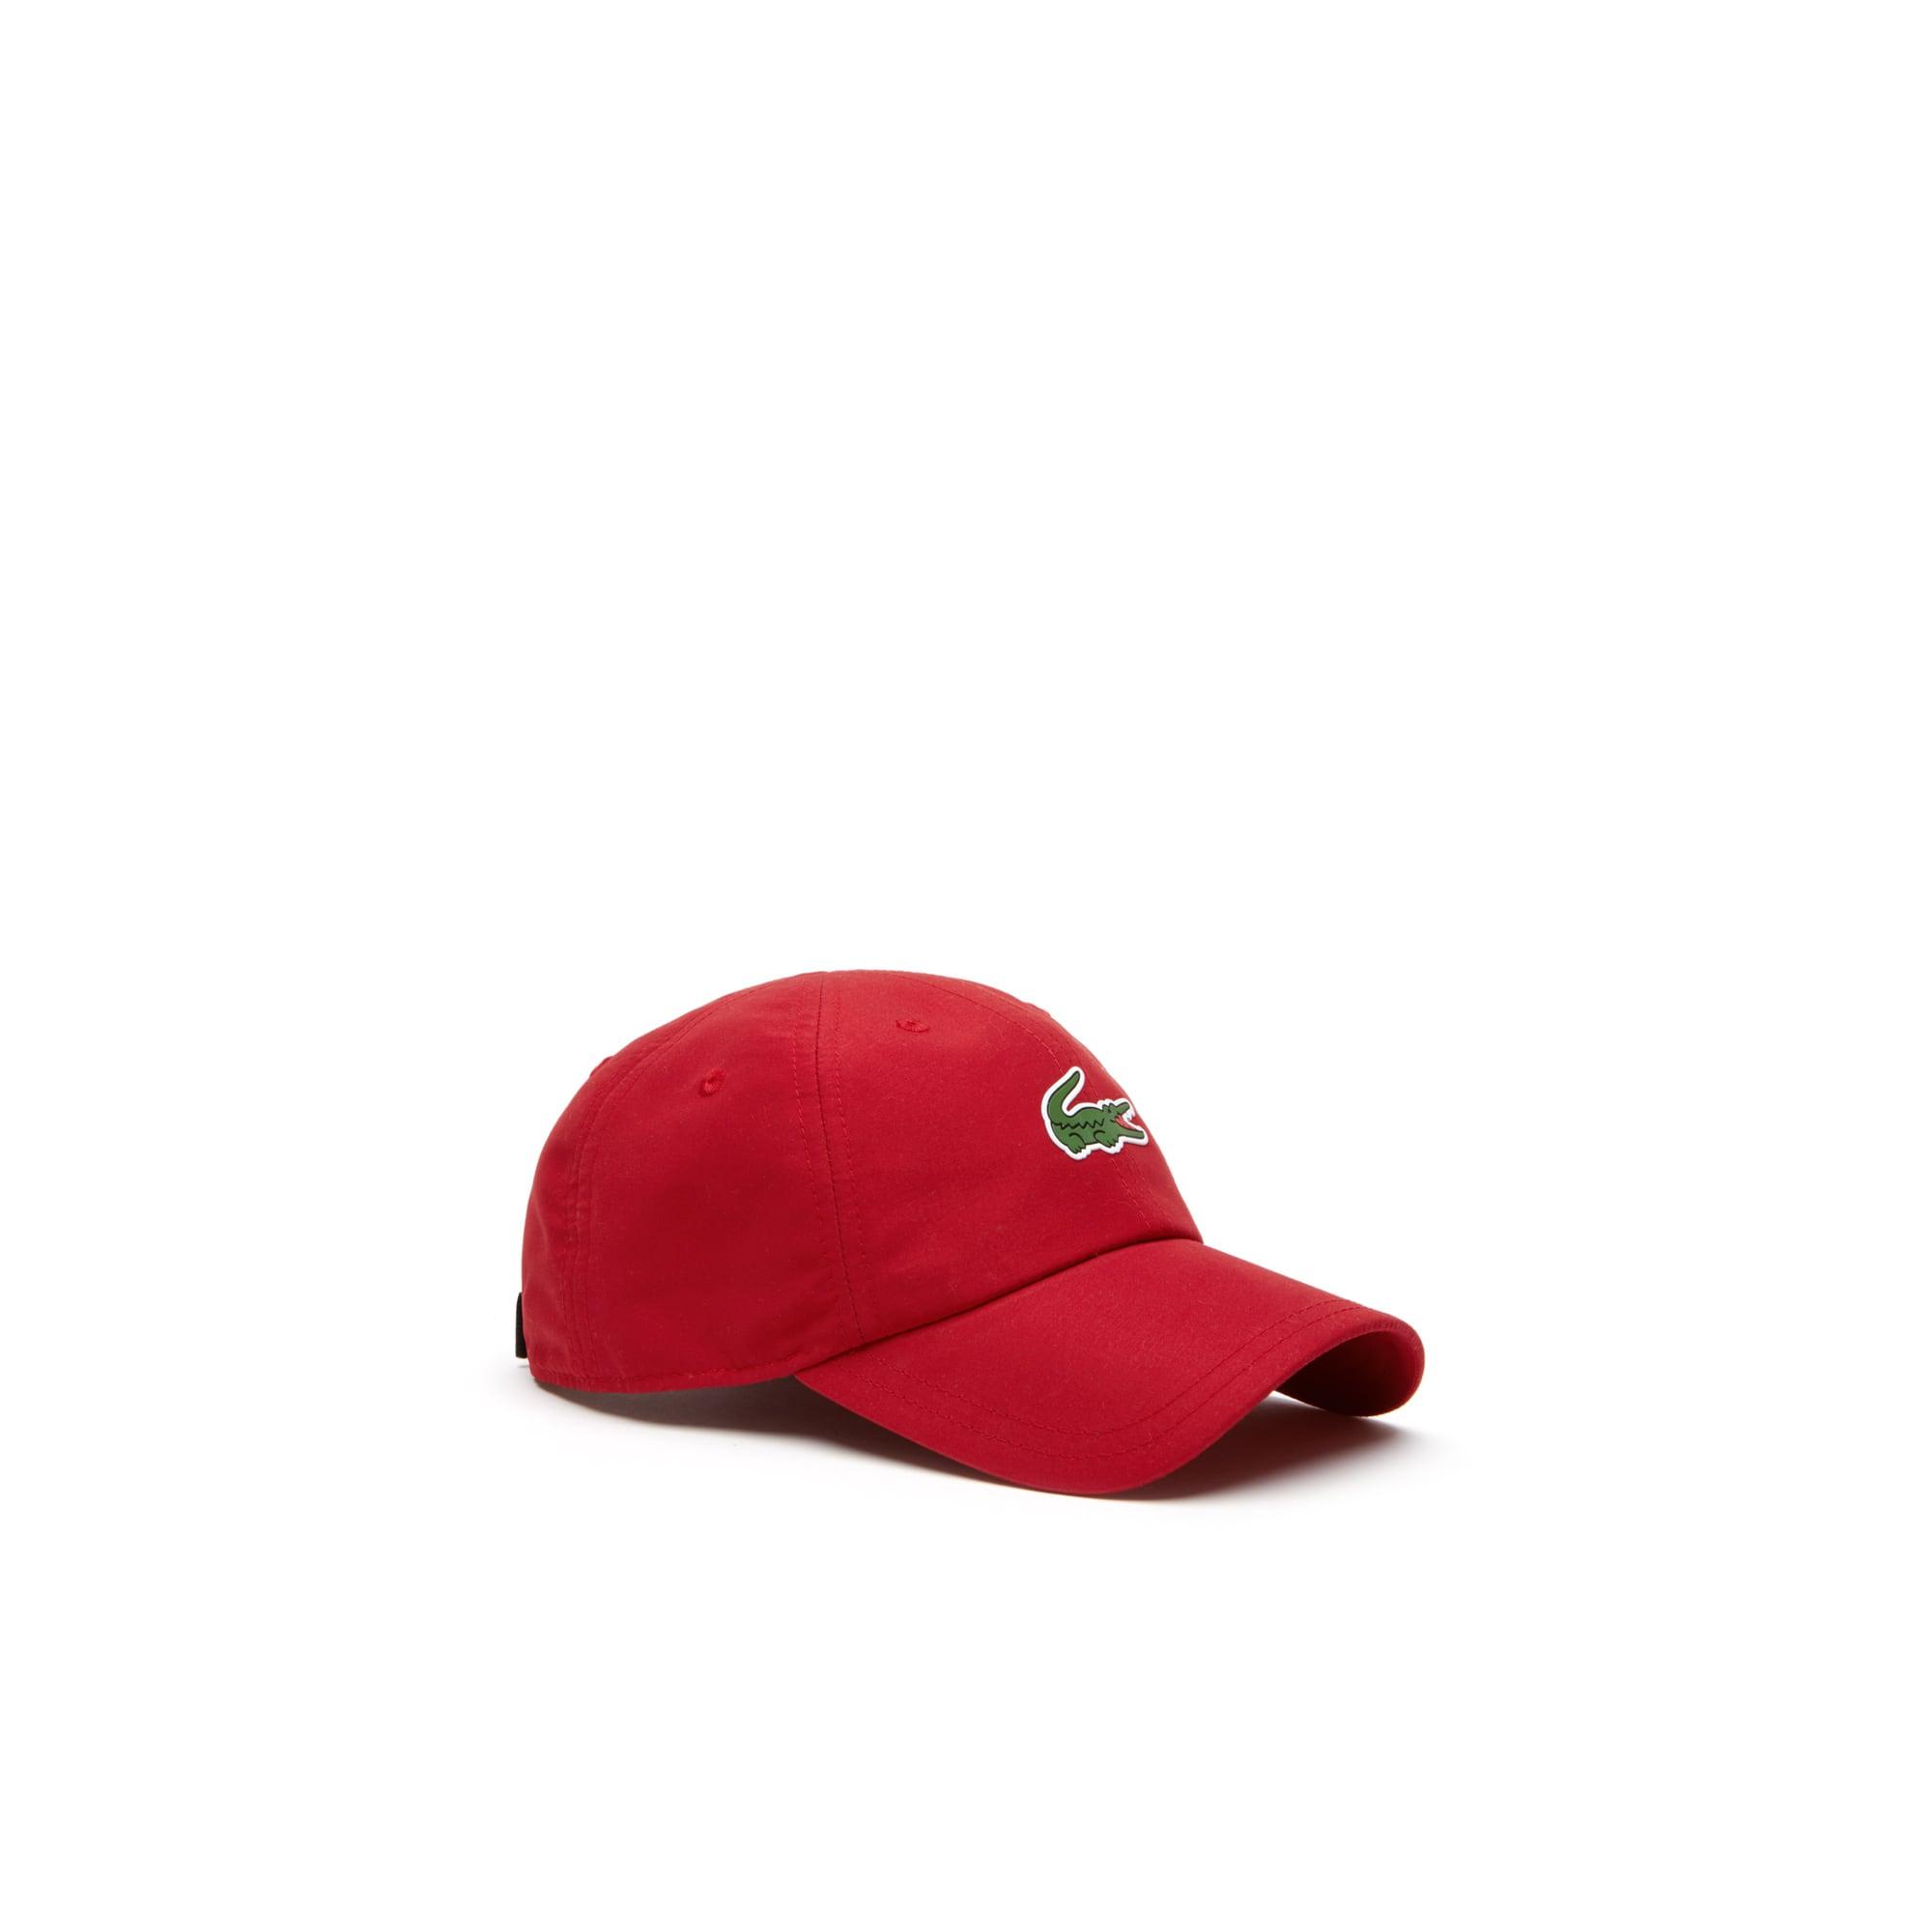 قبعة خاصة برياضة التنس، محاكة من الألياف الصغيرة للغاية ومزدانة بعلامة التمساح من مجموعةLacoste SPORT Tennis للرجال